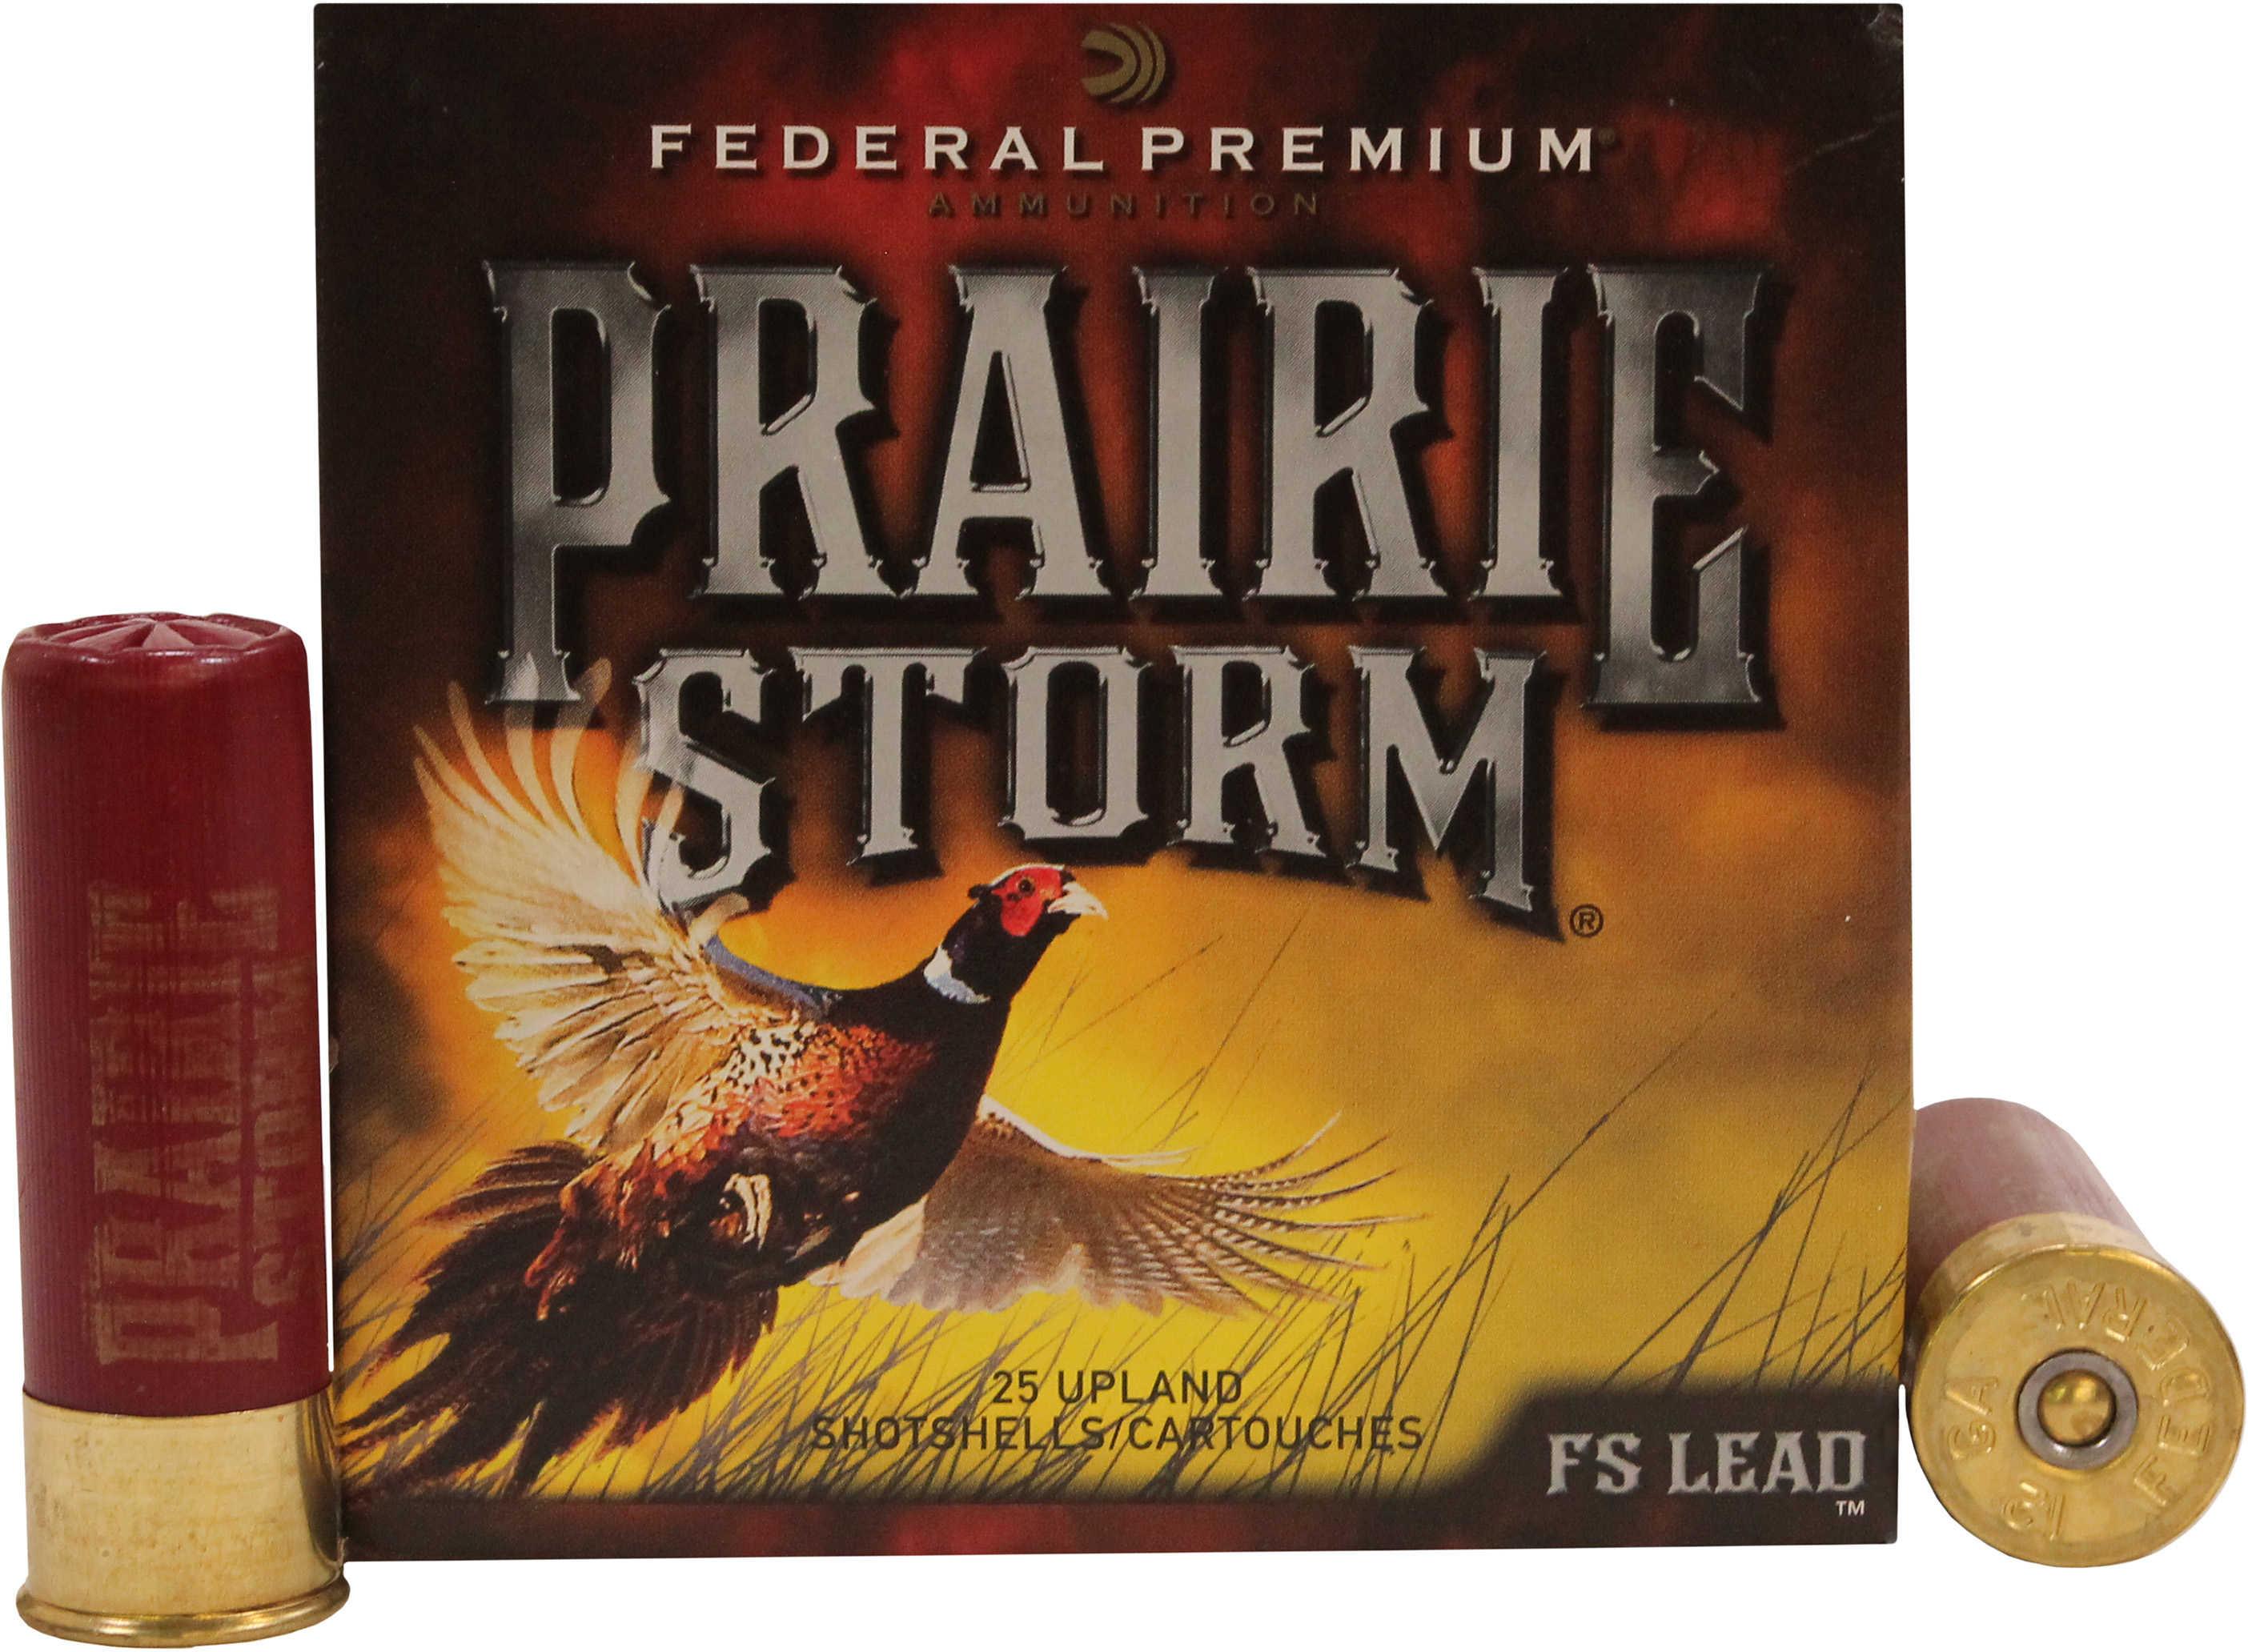 """Federal Cartridge Upland Prairie Storm 12 Gauge 3"""" 1 5/8oz #5 Lead Ammunition PF129FS5"""